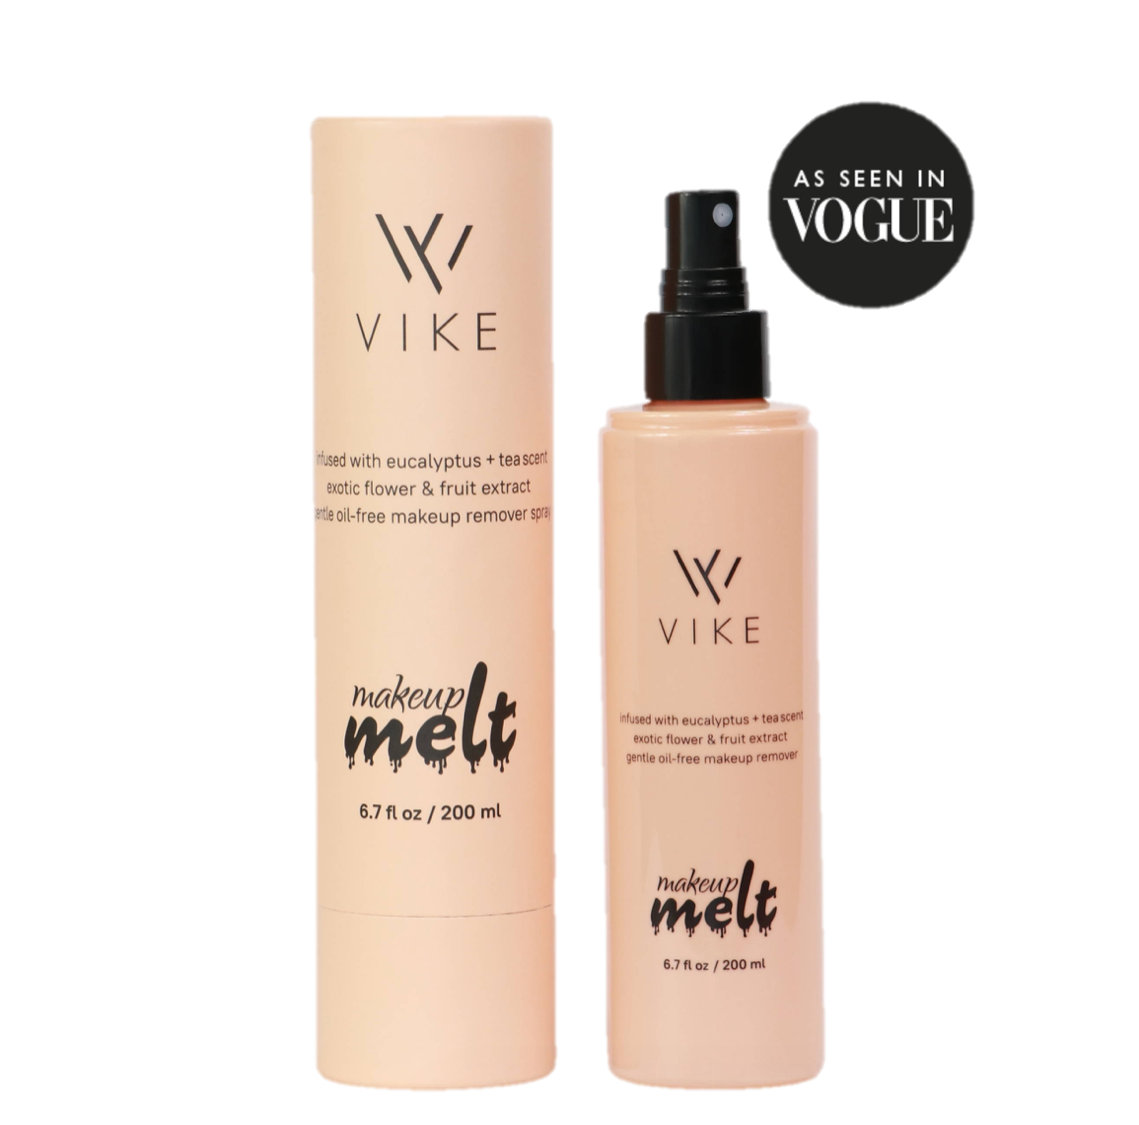 Makeup Melt Vike Beauty